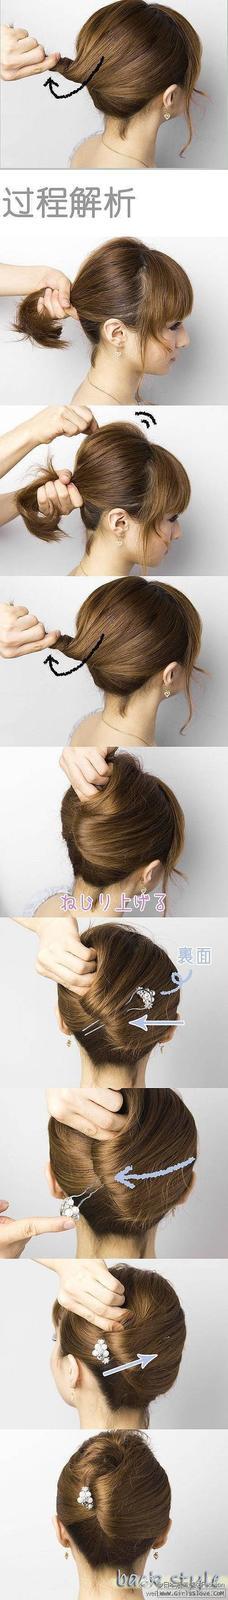 photolovegirl.com1372545168710.jpg